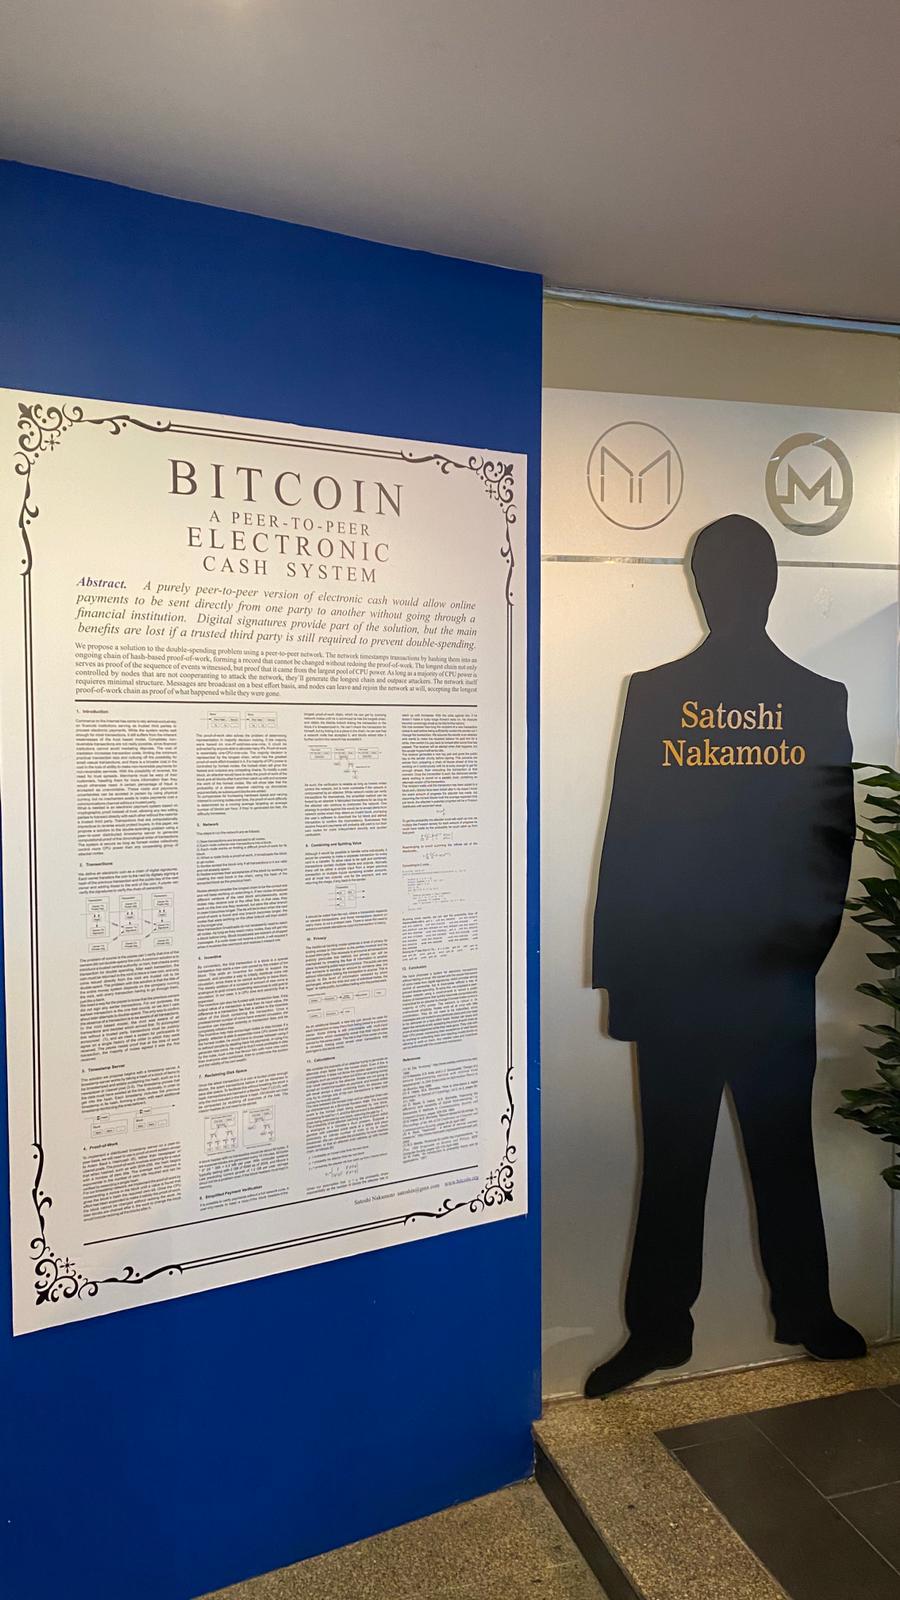 Ven a Bitcoin Rock Café y conoce de cerca el Whitepaper de Satoshi Nakamoto